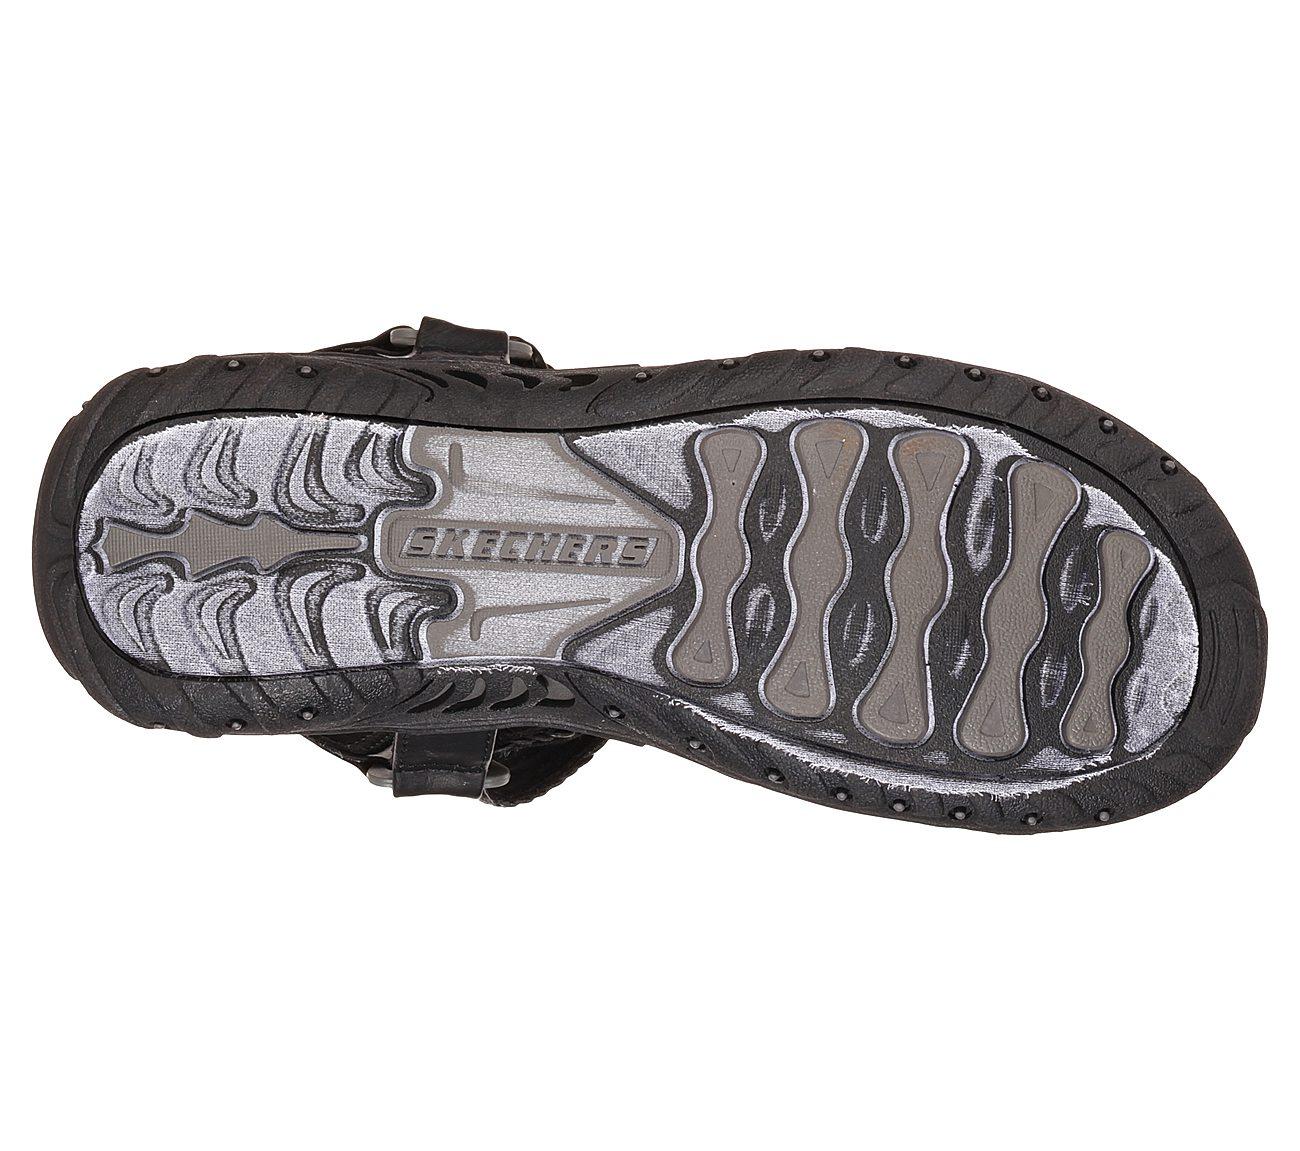 bd5ad5e66cf4 Buy SKECHERS Reggae - Misty Morning Modern Comfort Shoes only  40.00